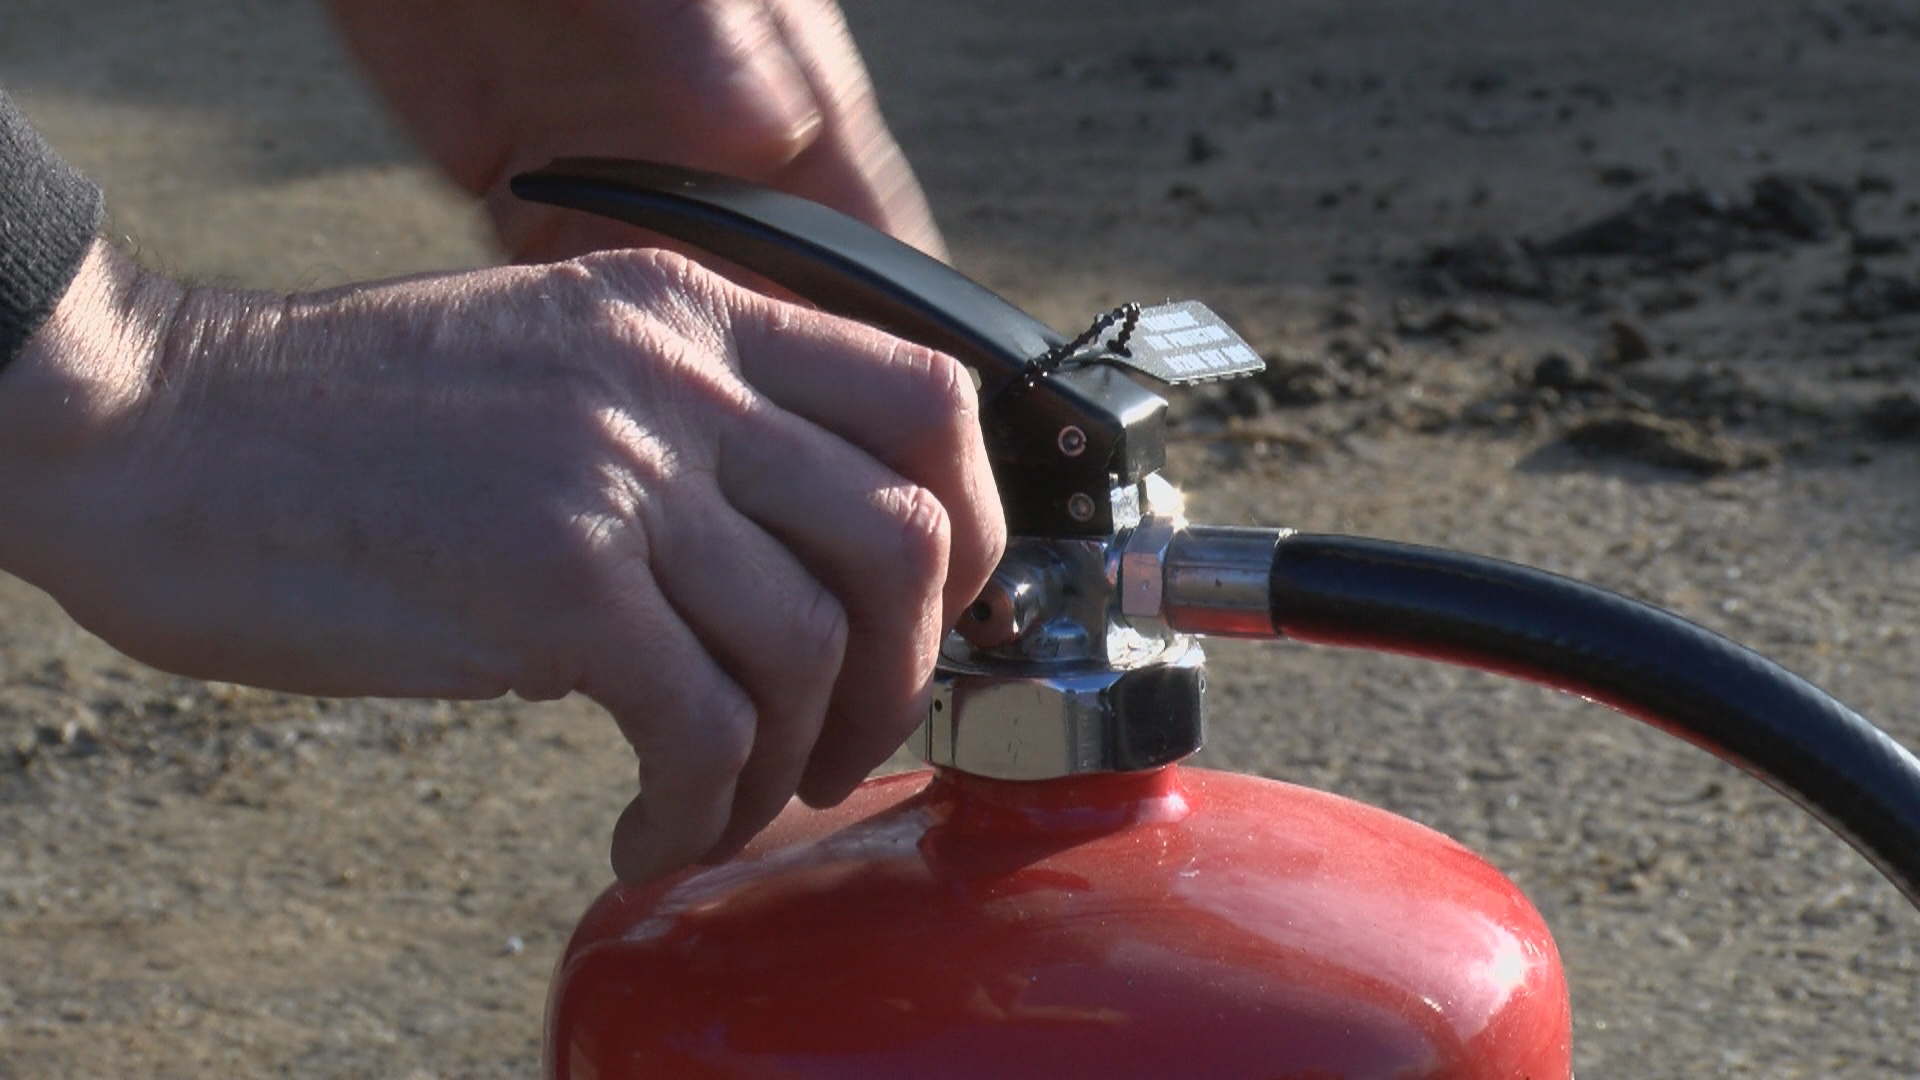 extinguisher training South London